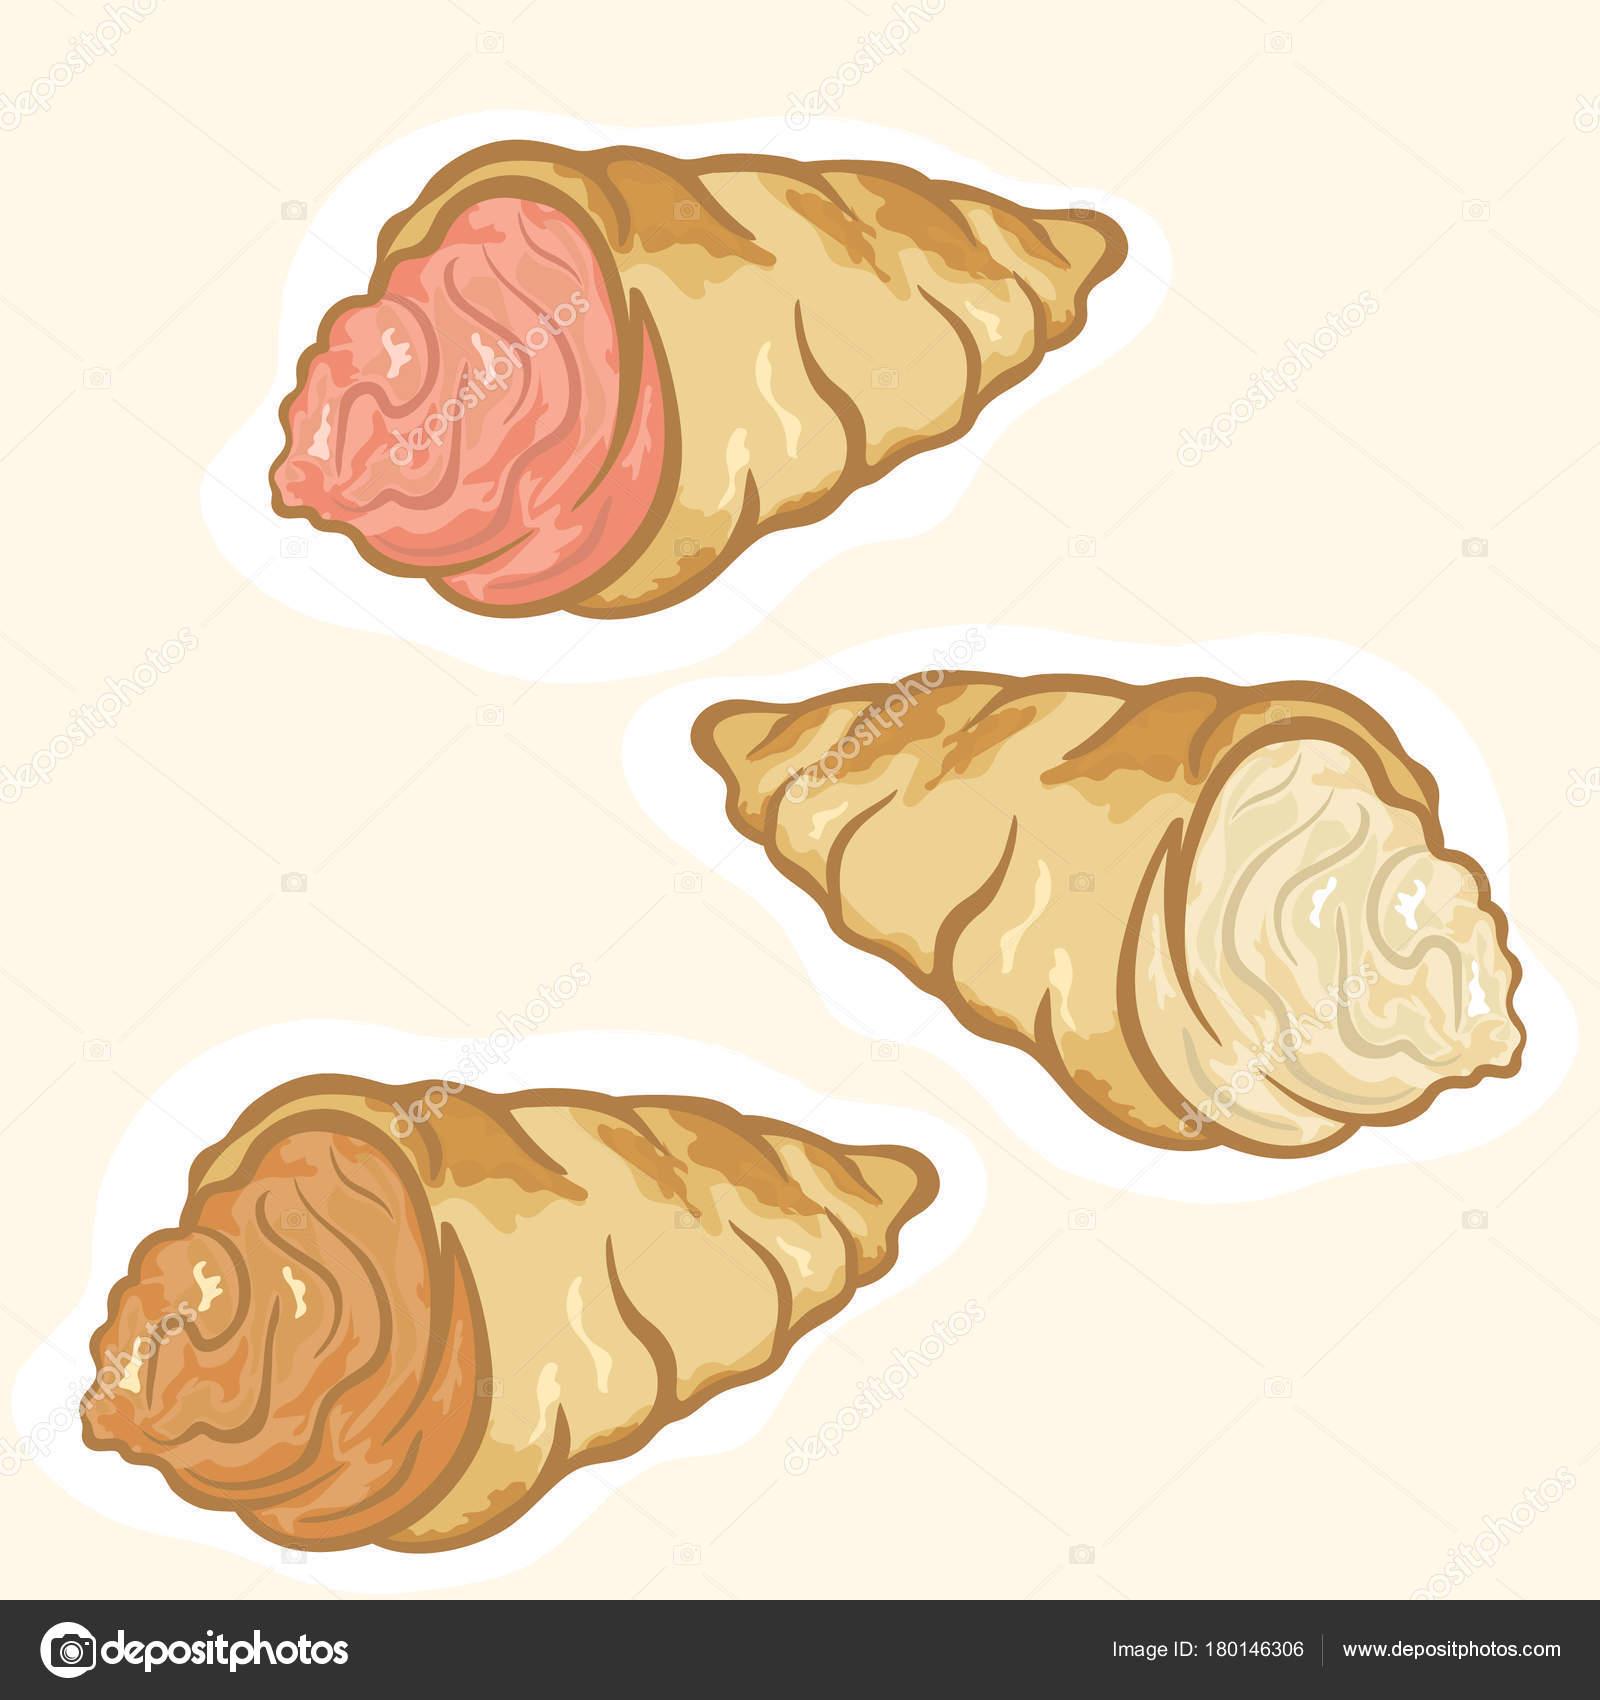 Bunte Kuchen Dessert Vektorbild Isoliert Auf Weiss Dessert Symbol